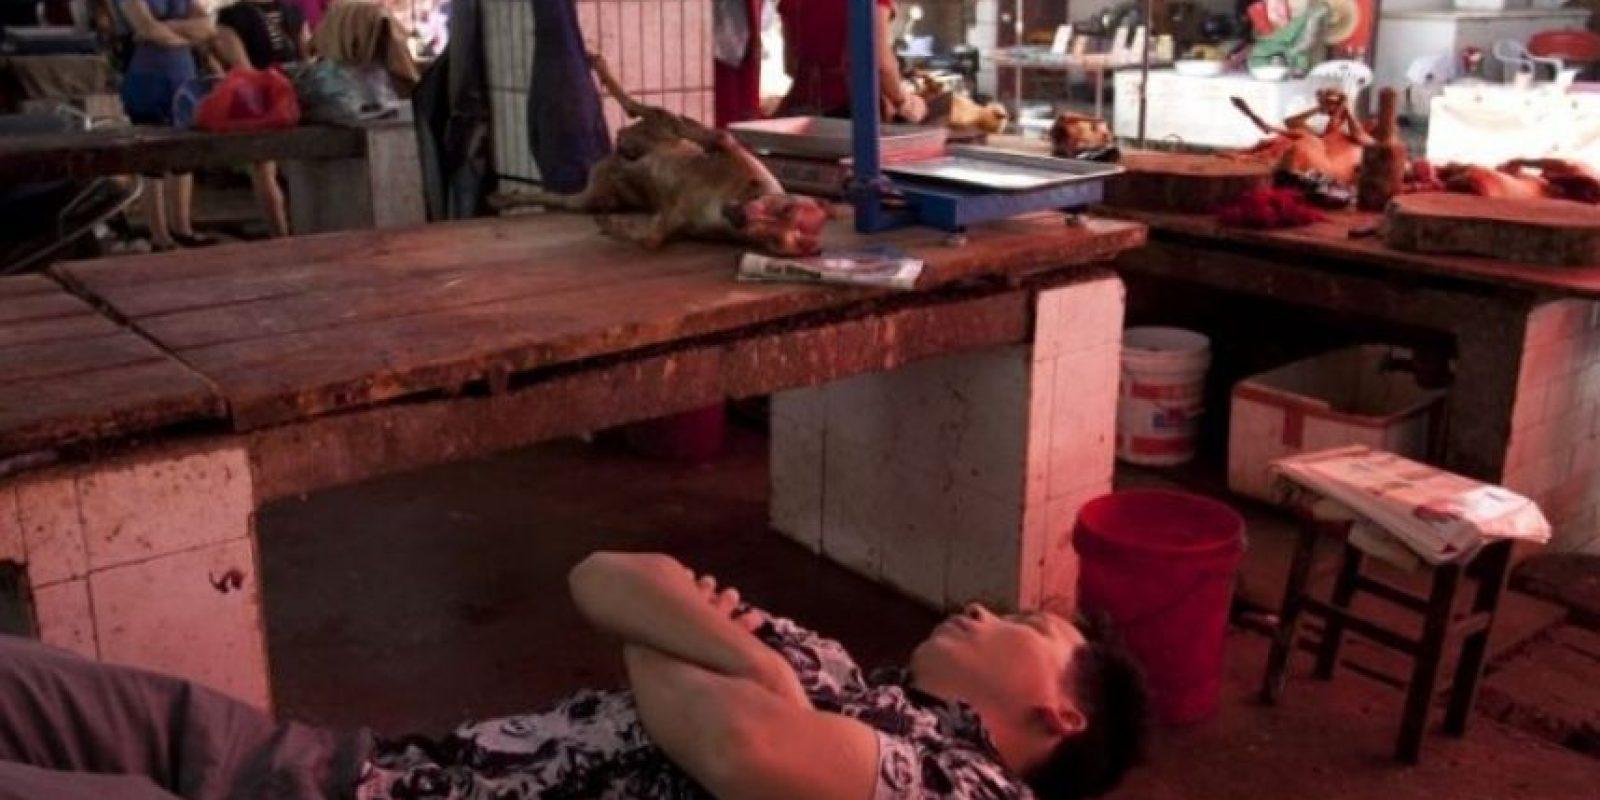 Se lleva a cabo en Yulin al sur de China. Foto:AFP